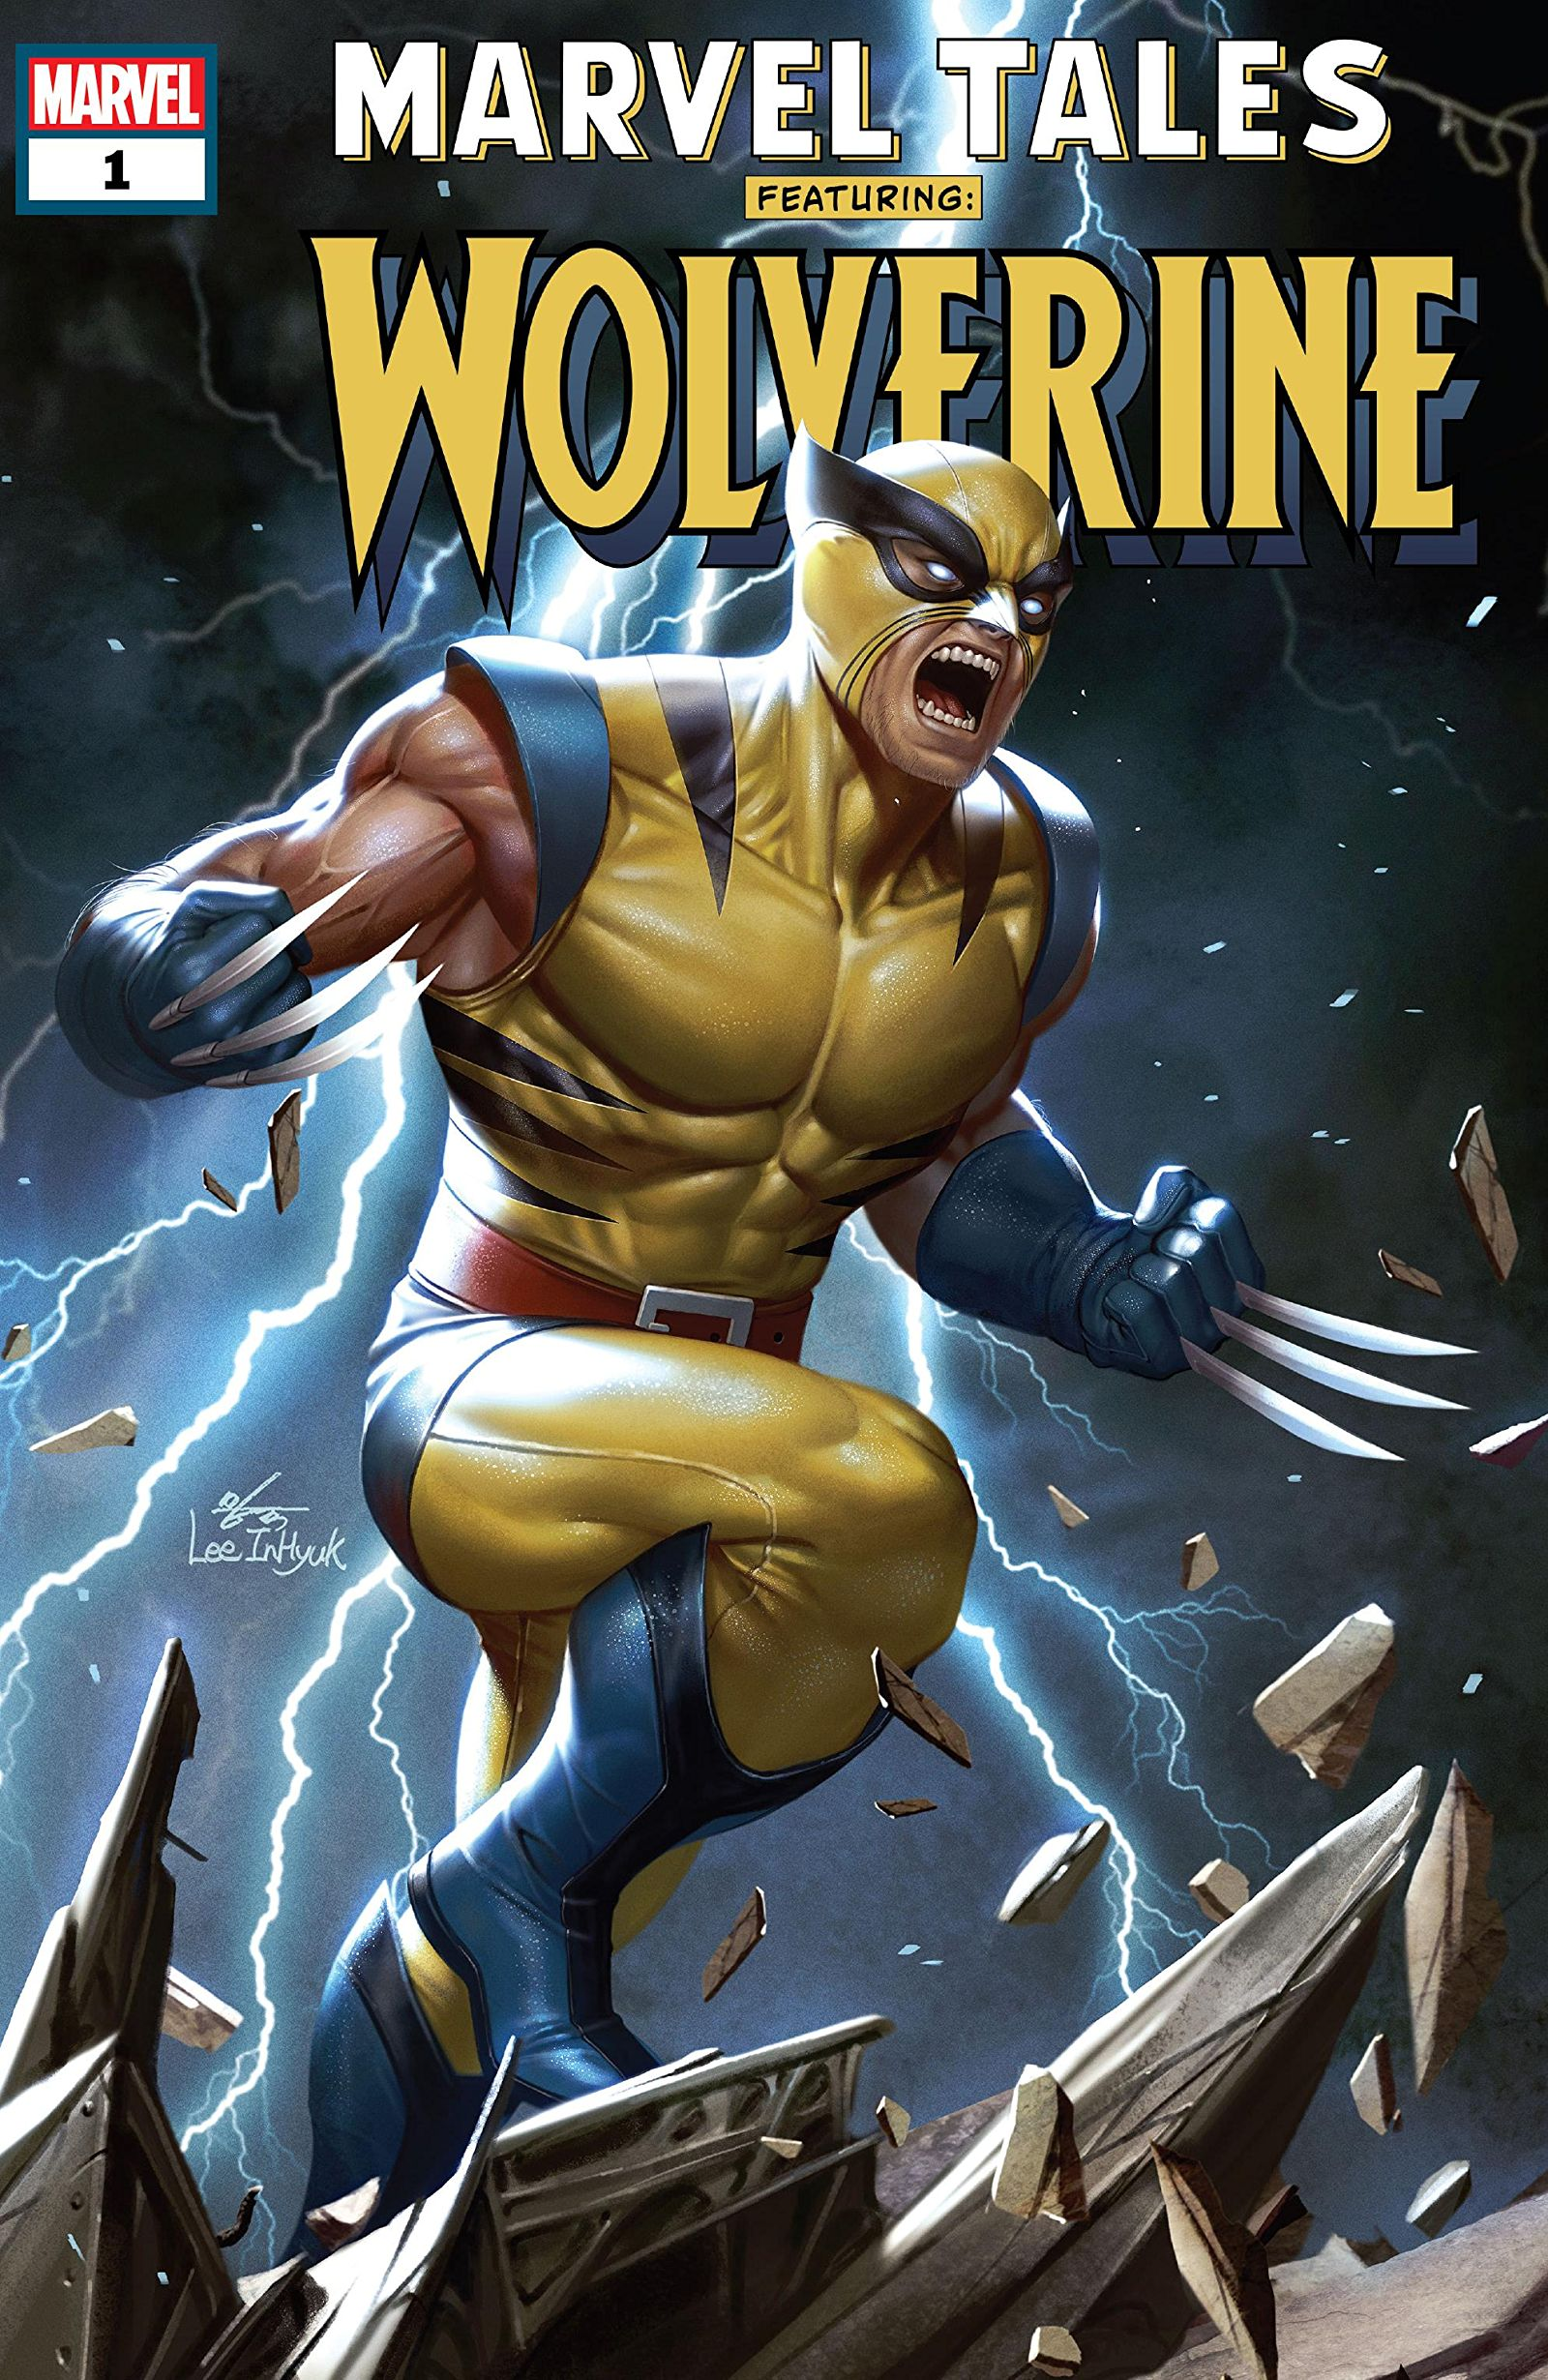 Marvel Tales: Wolverine Vol 1 1